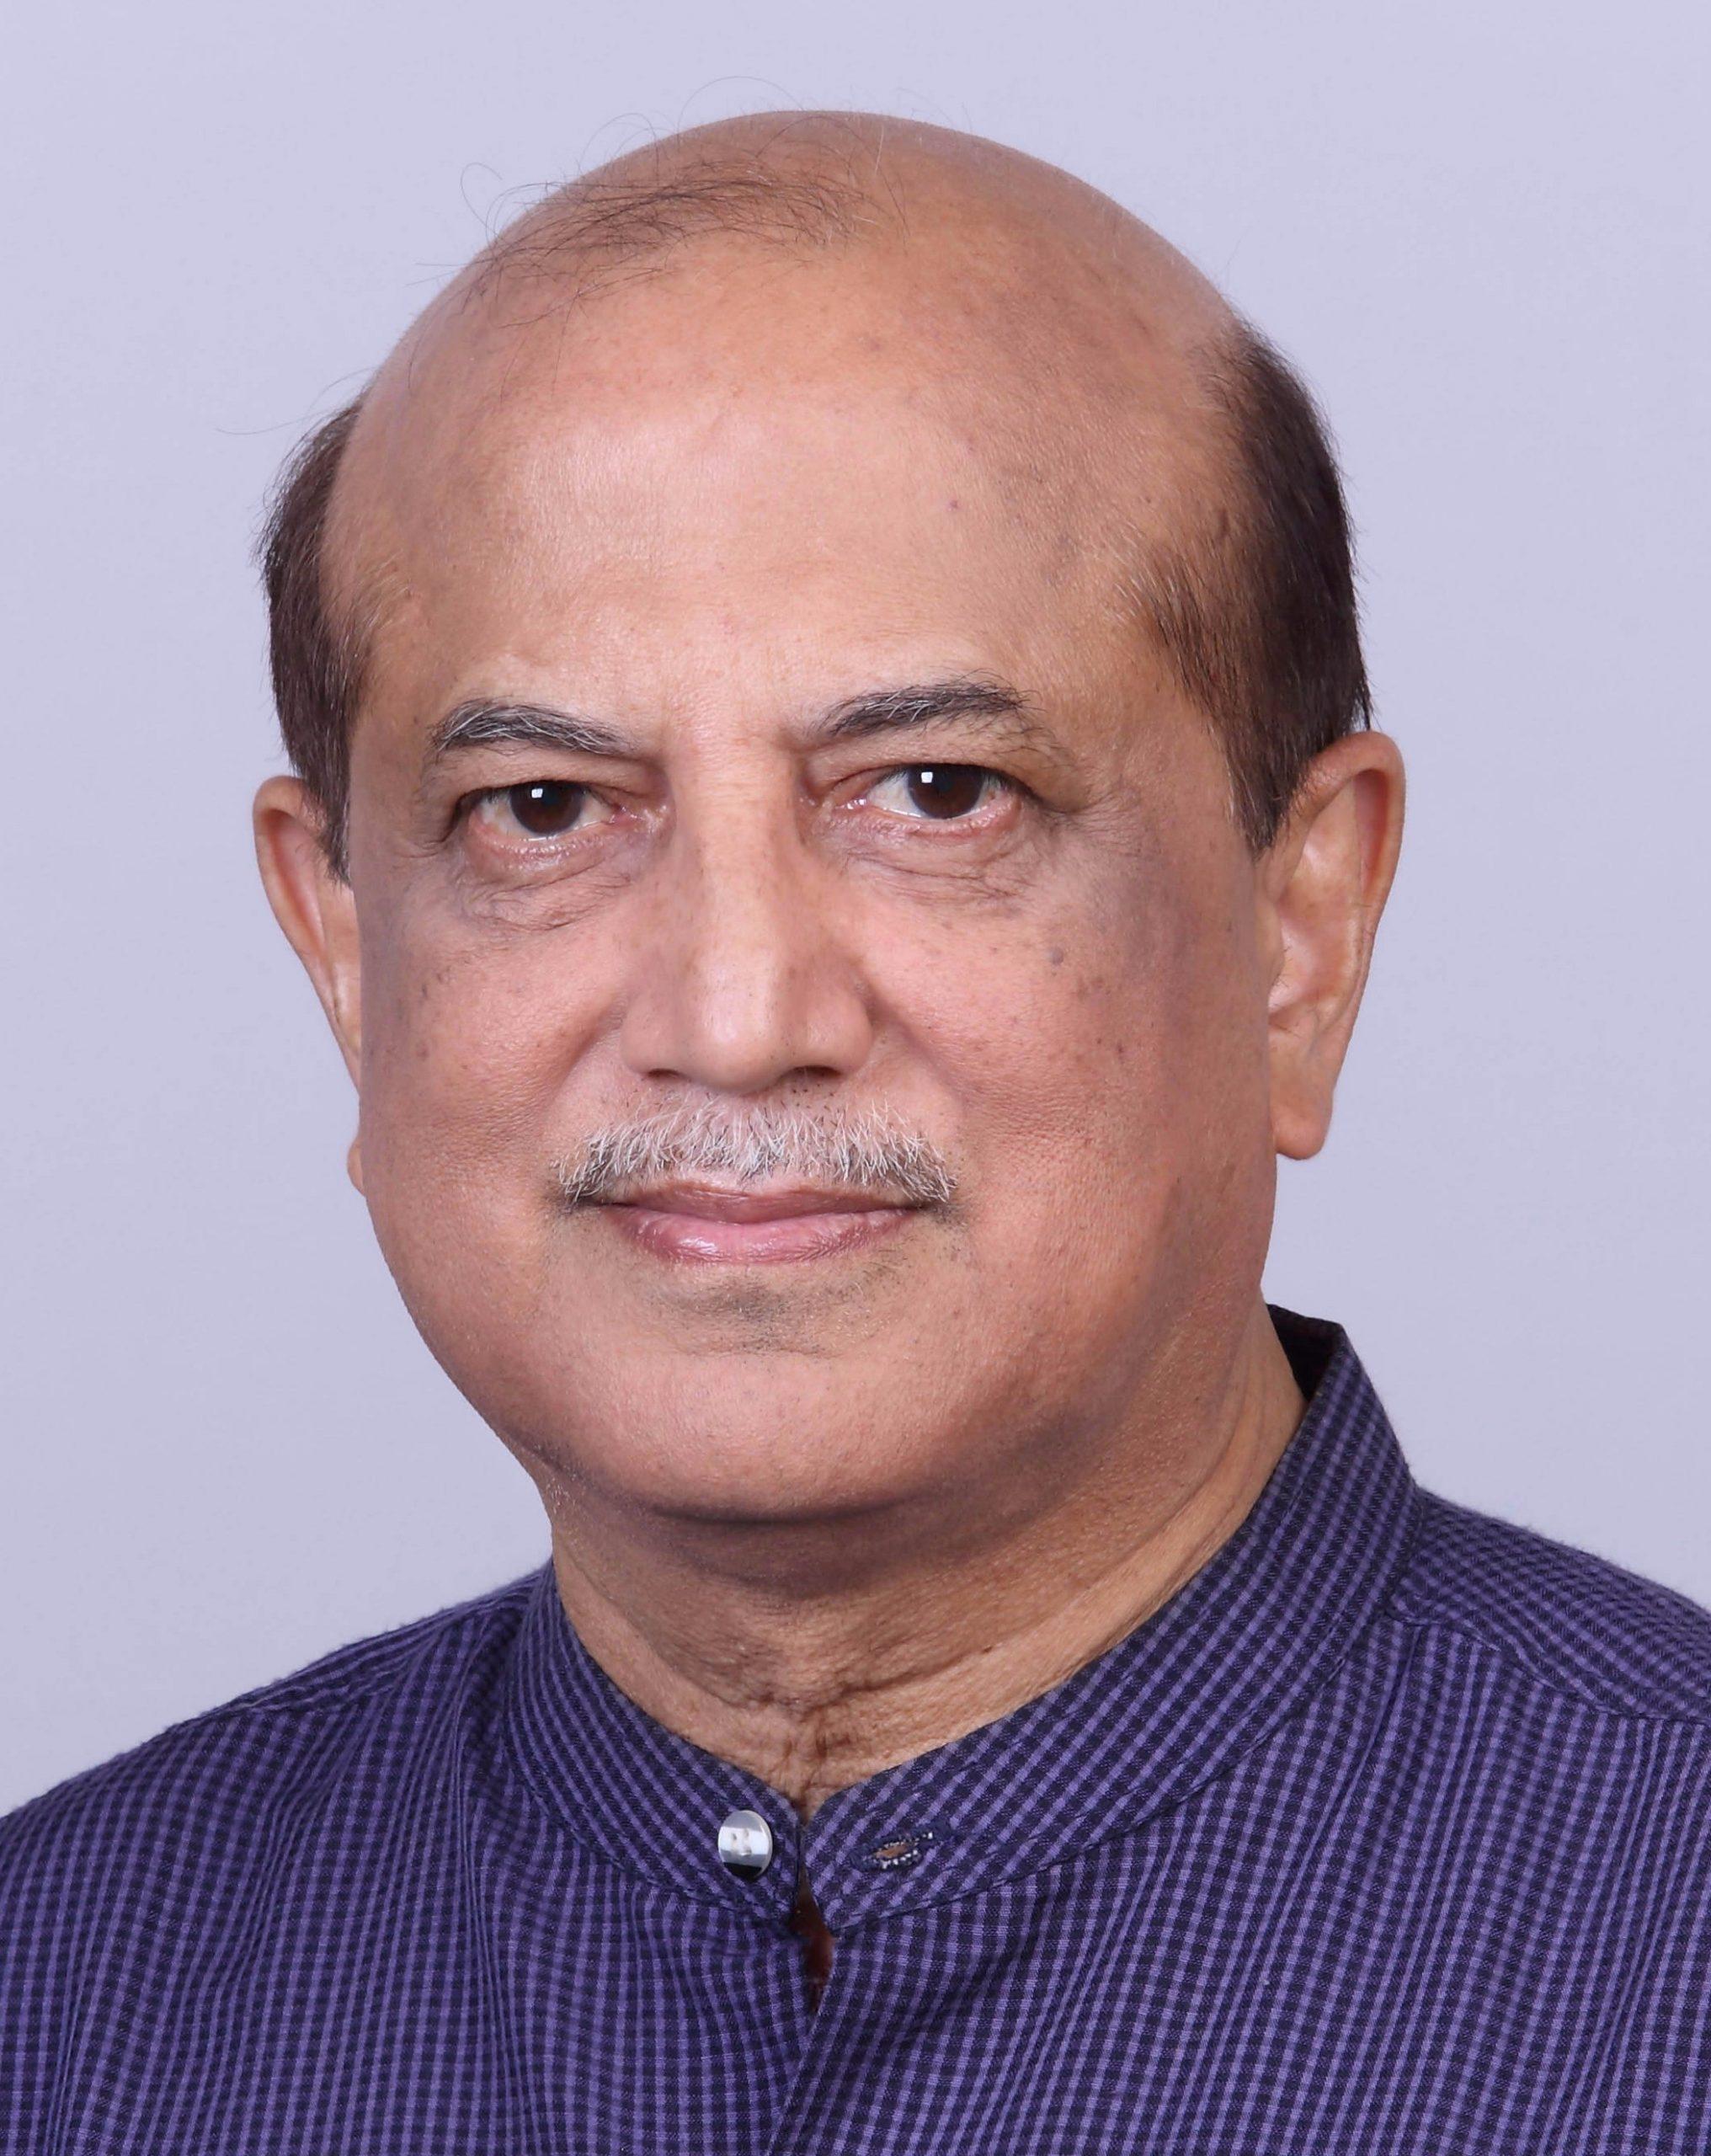 Dr. Ahmed Mushtaque Raza Chowdhury